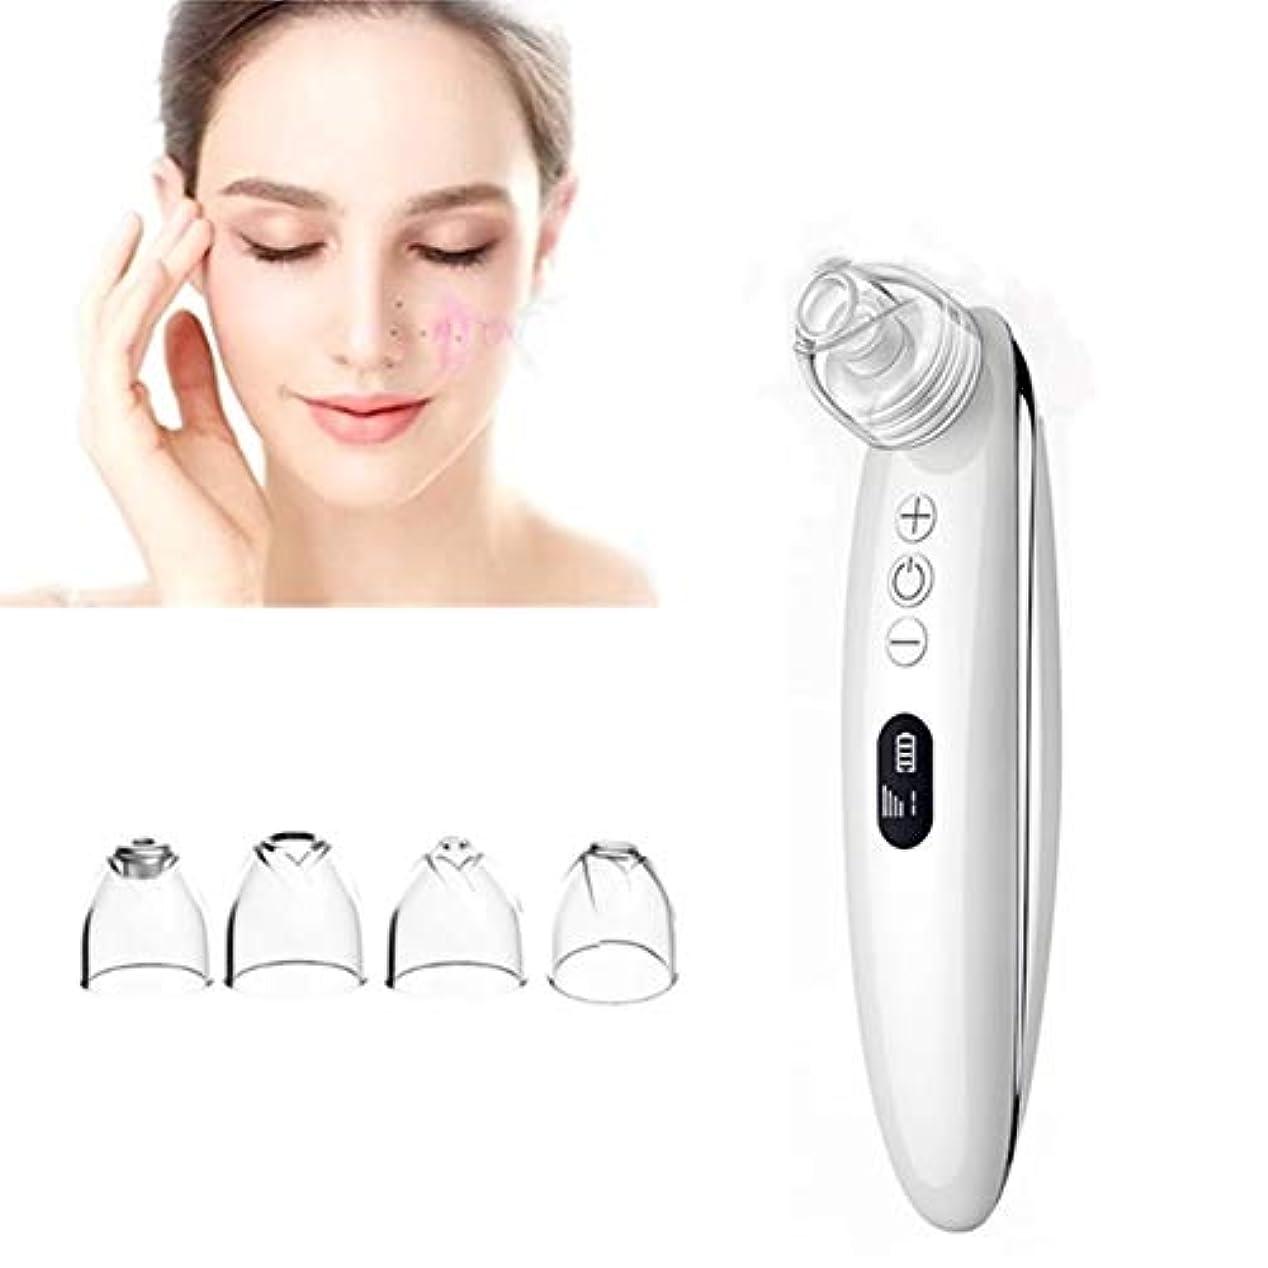 良い好意的戦争ブラックヘッドリムーバー毛穴クリーナーUSB充電式にきび面皰抽出ツールマシン6調節可能な吸引力と顔の皮膚の治療のための4つの交換用プローブと